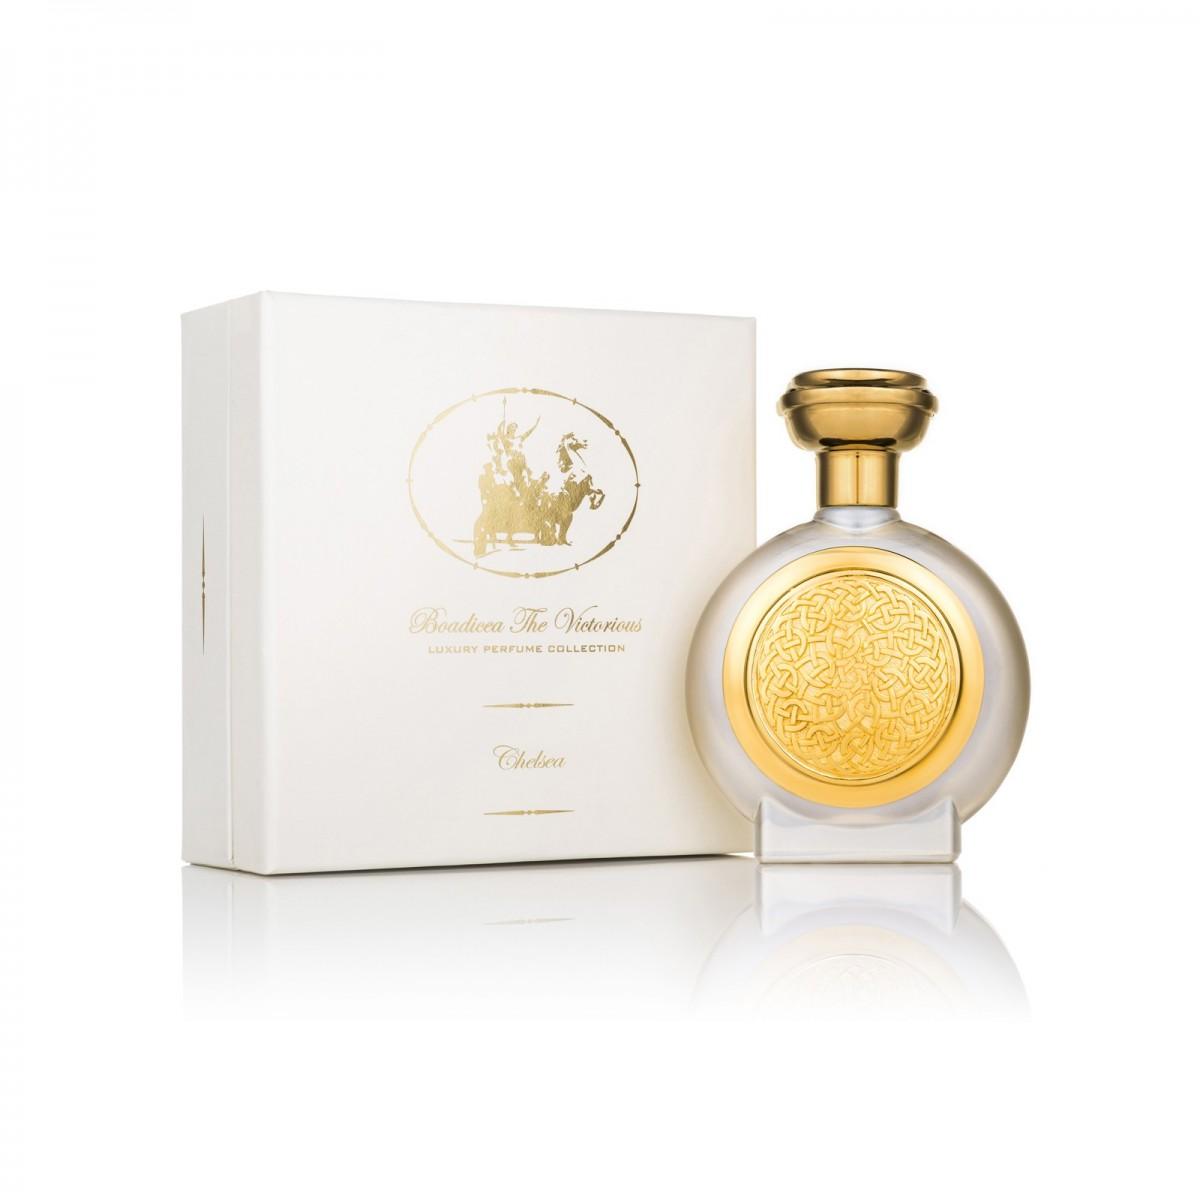 Boadicea The Victorious CHELSEA Eau De Parfum 100 Ml